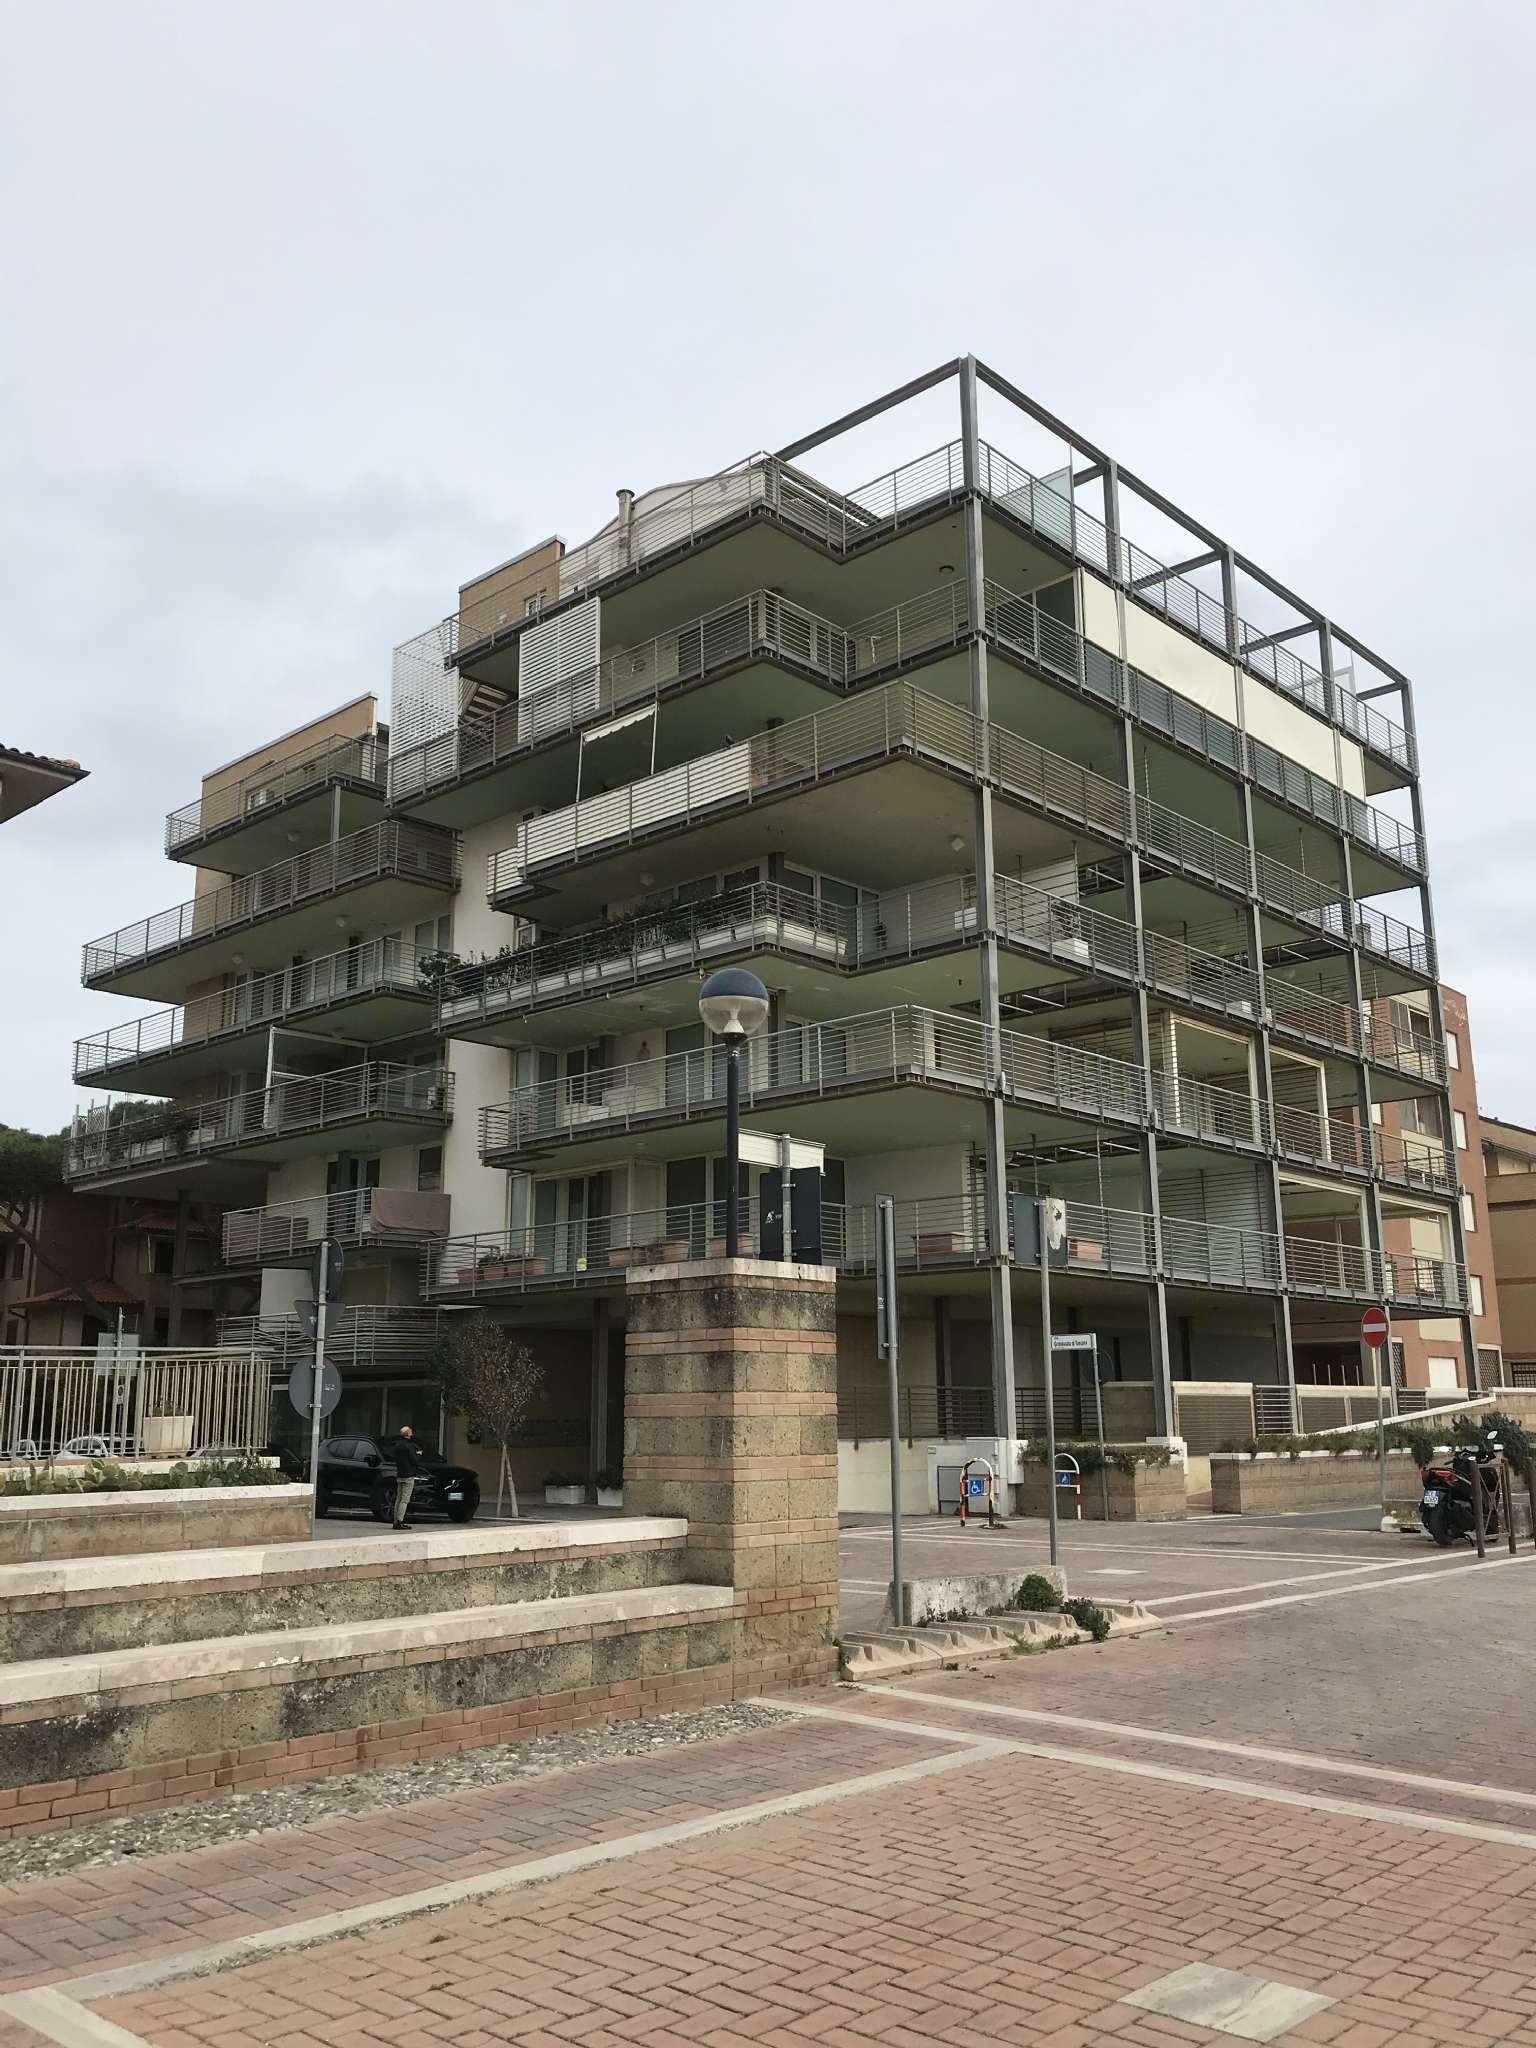 Attico / Mansarda in vendita a Grosseto, 6 locali, prezzo € 580.000 | PortaleAgenzieImmobiliari.it